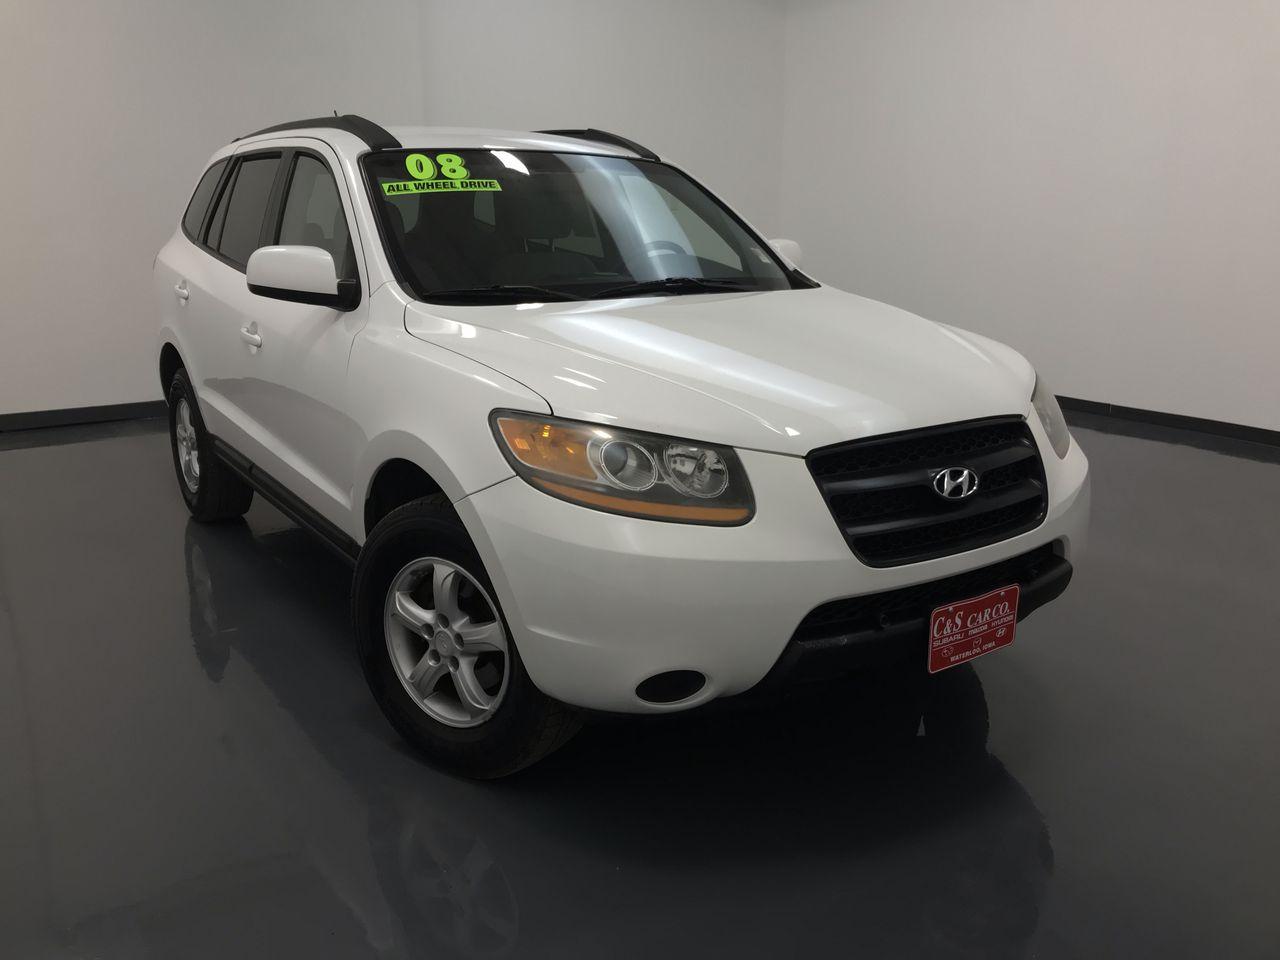 2008 Hyundai Santa Fe  - C & S Car Company